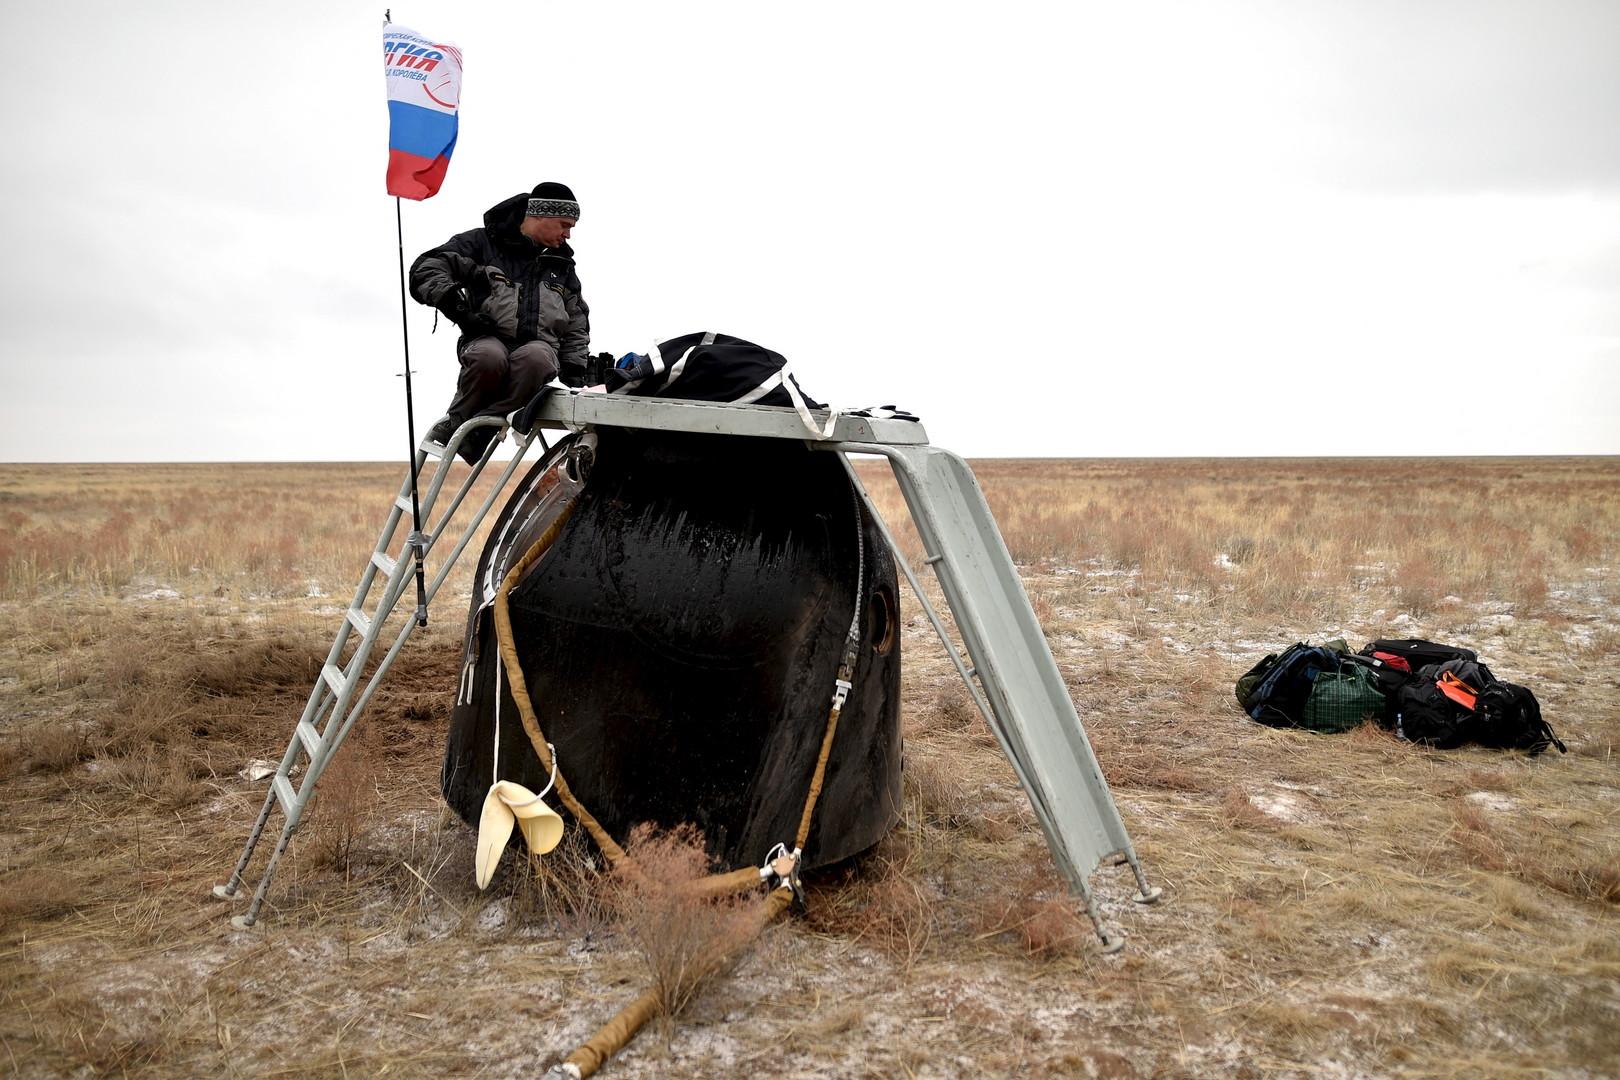 Die Raumsonde kurz nach der Landung.